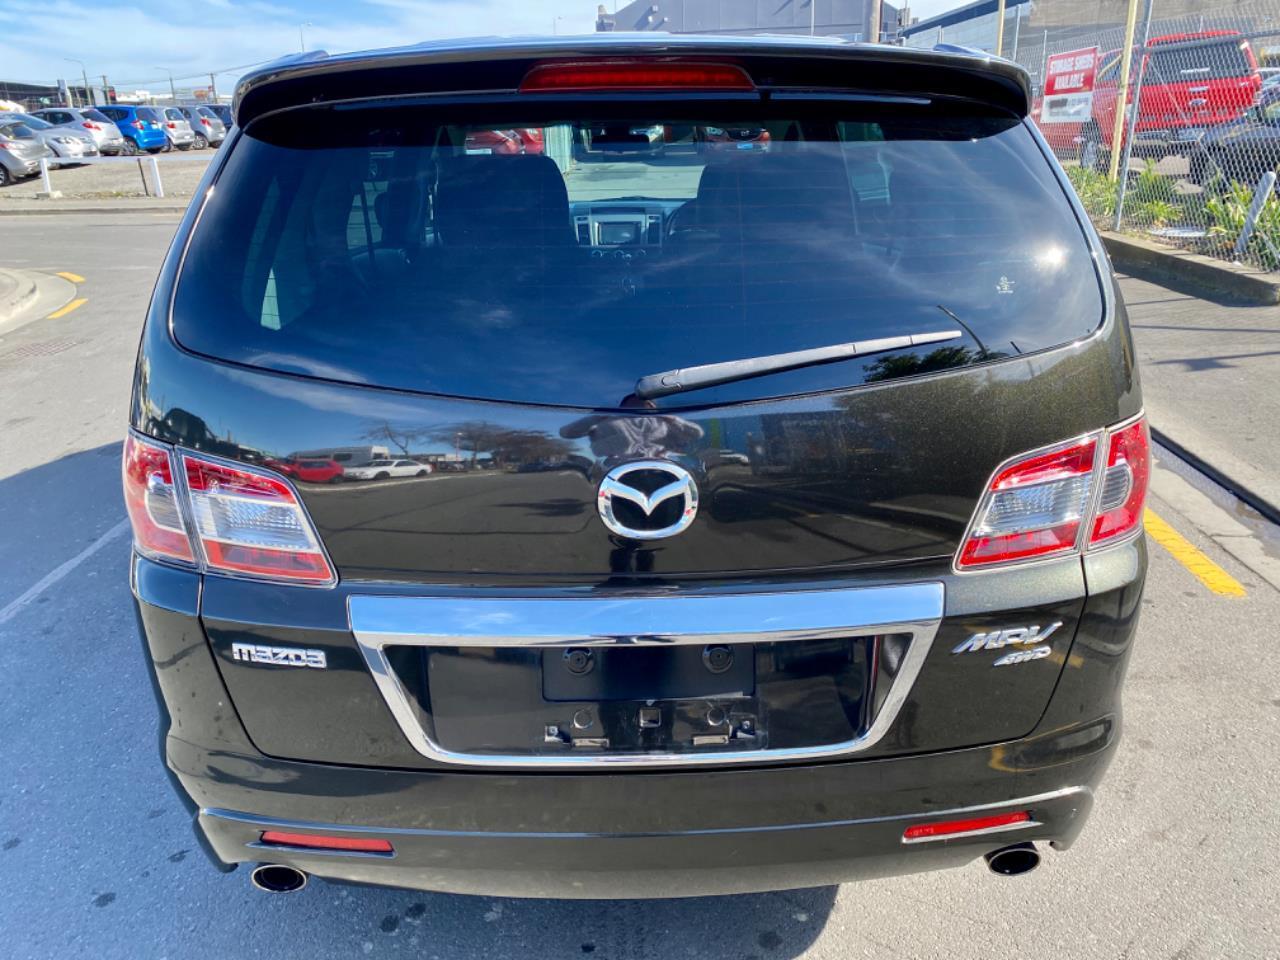 2008 Mazda MPV 23T Turbo 4WD 'Facelift' for sale in ...